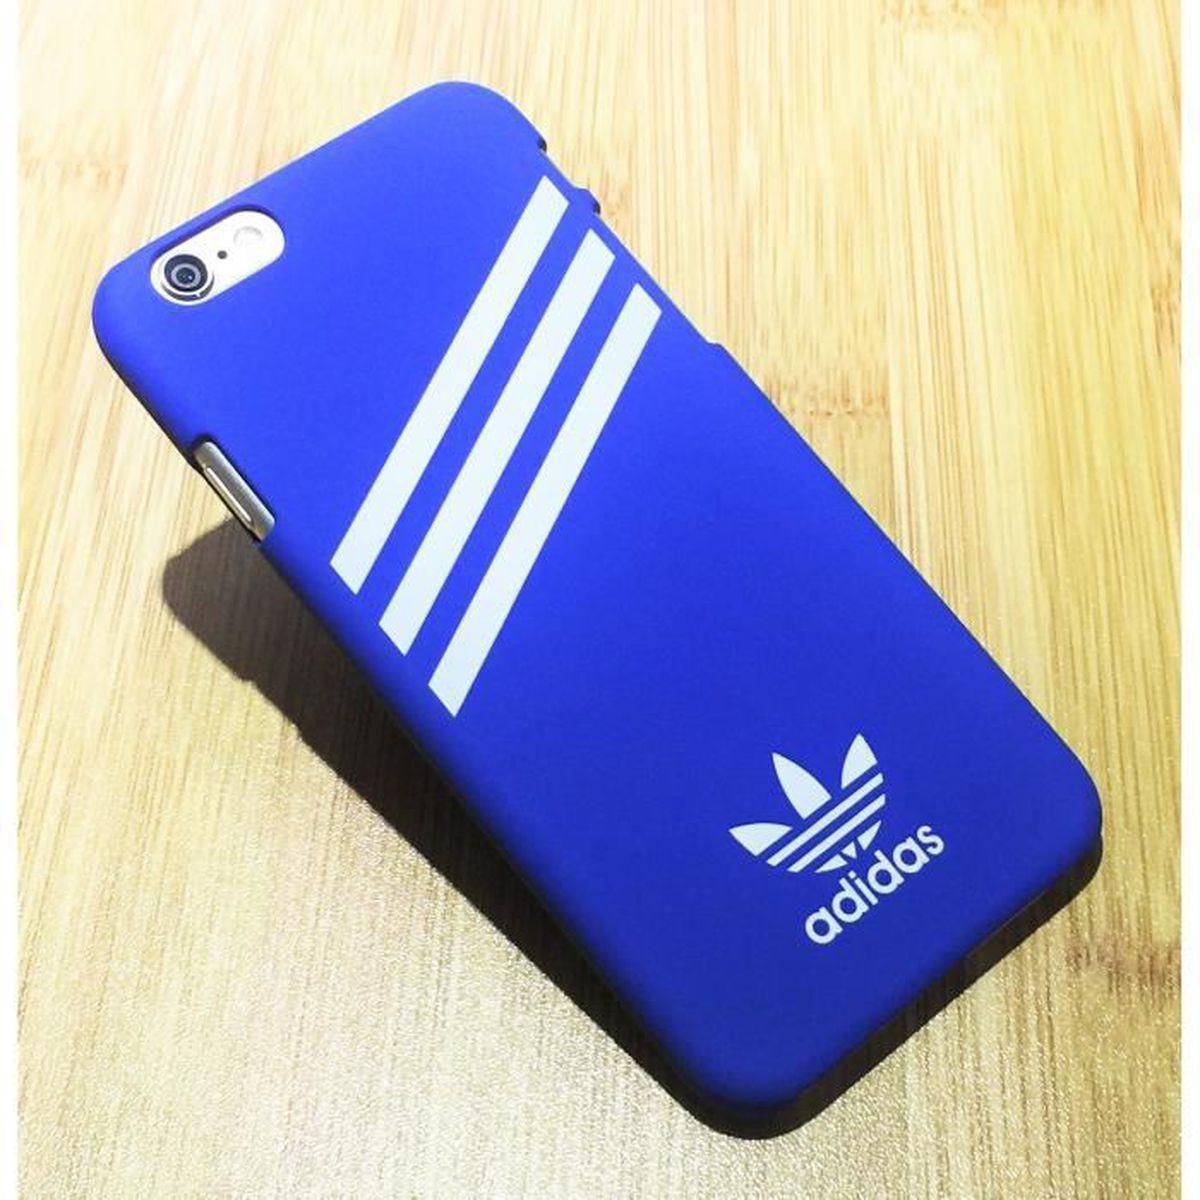 adidas coque iphone 6 plus